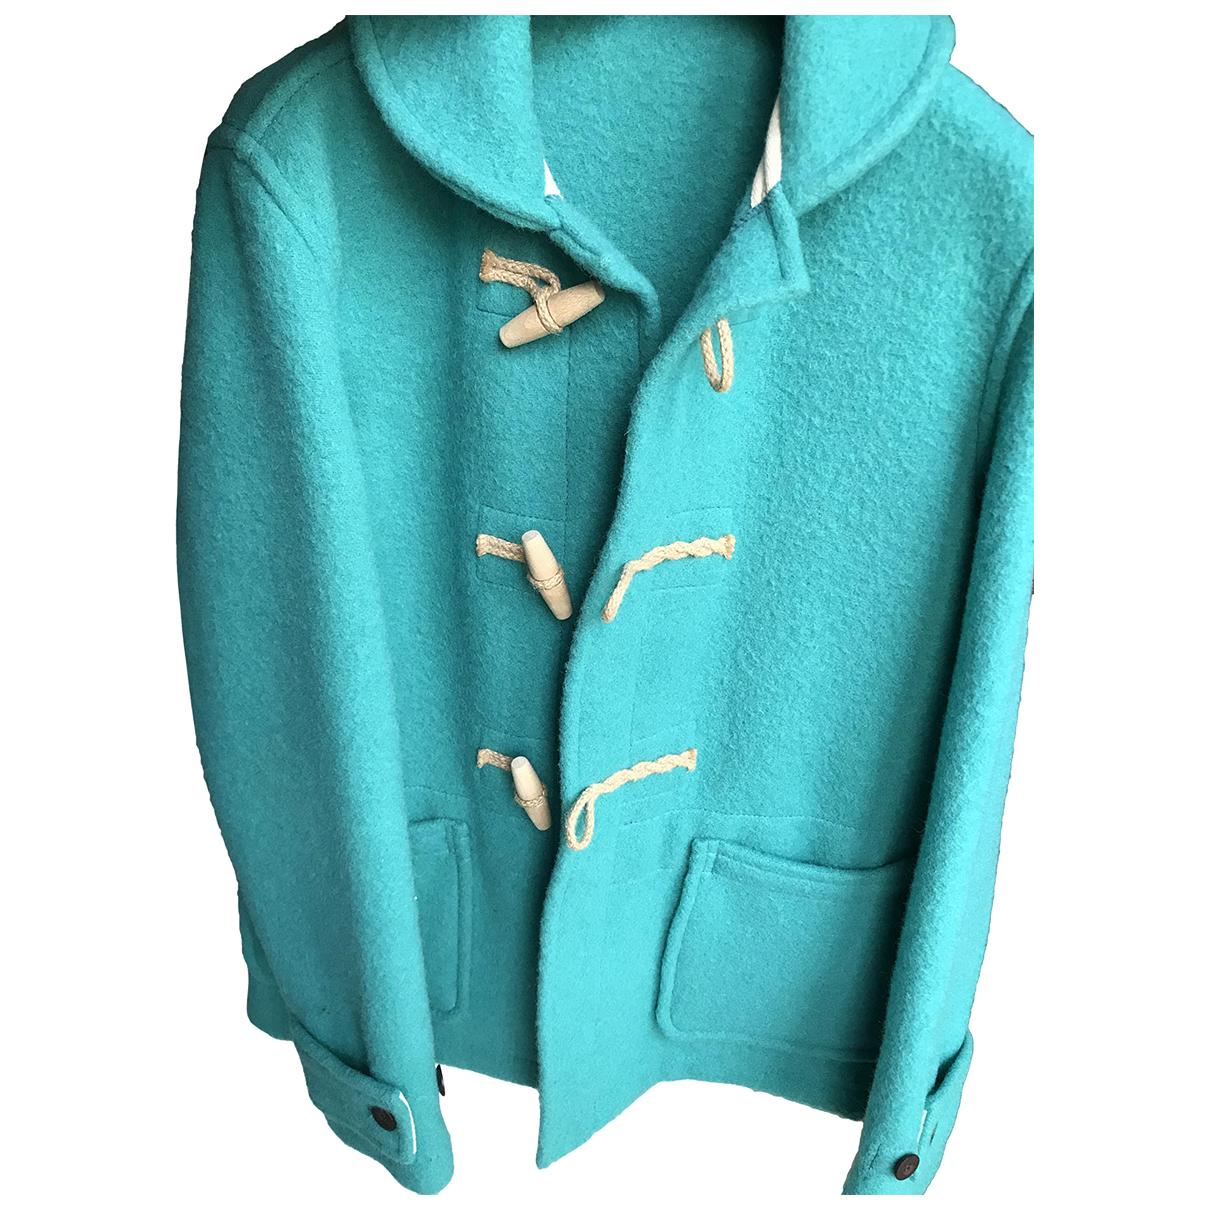 Ymc - Manteau   pour homme en laine